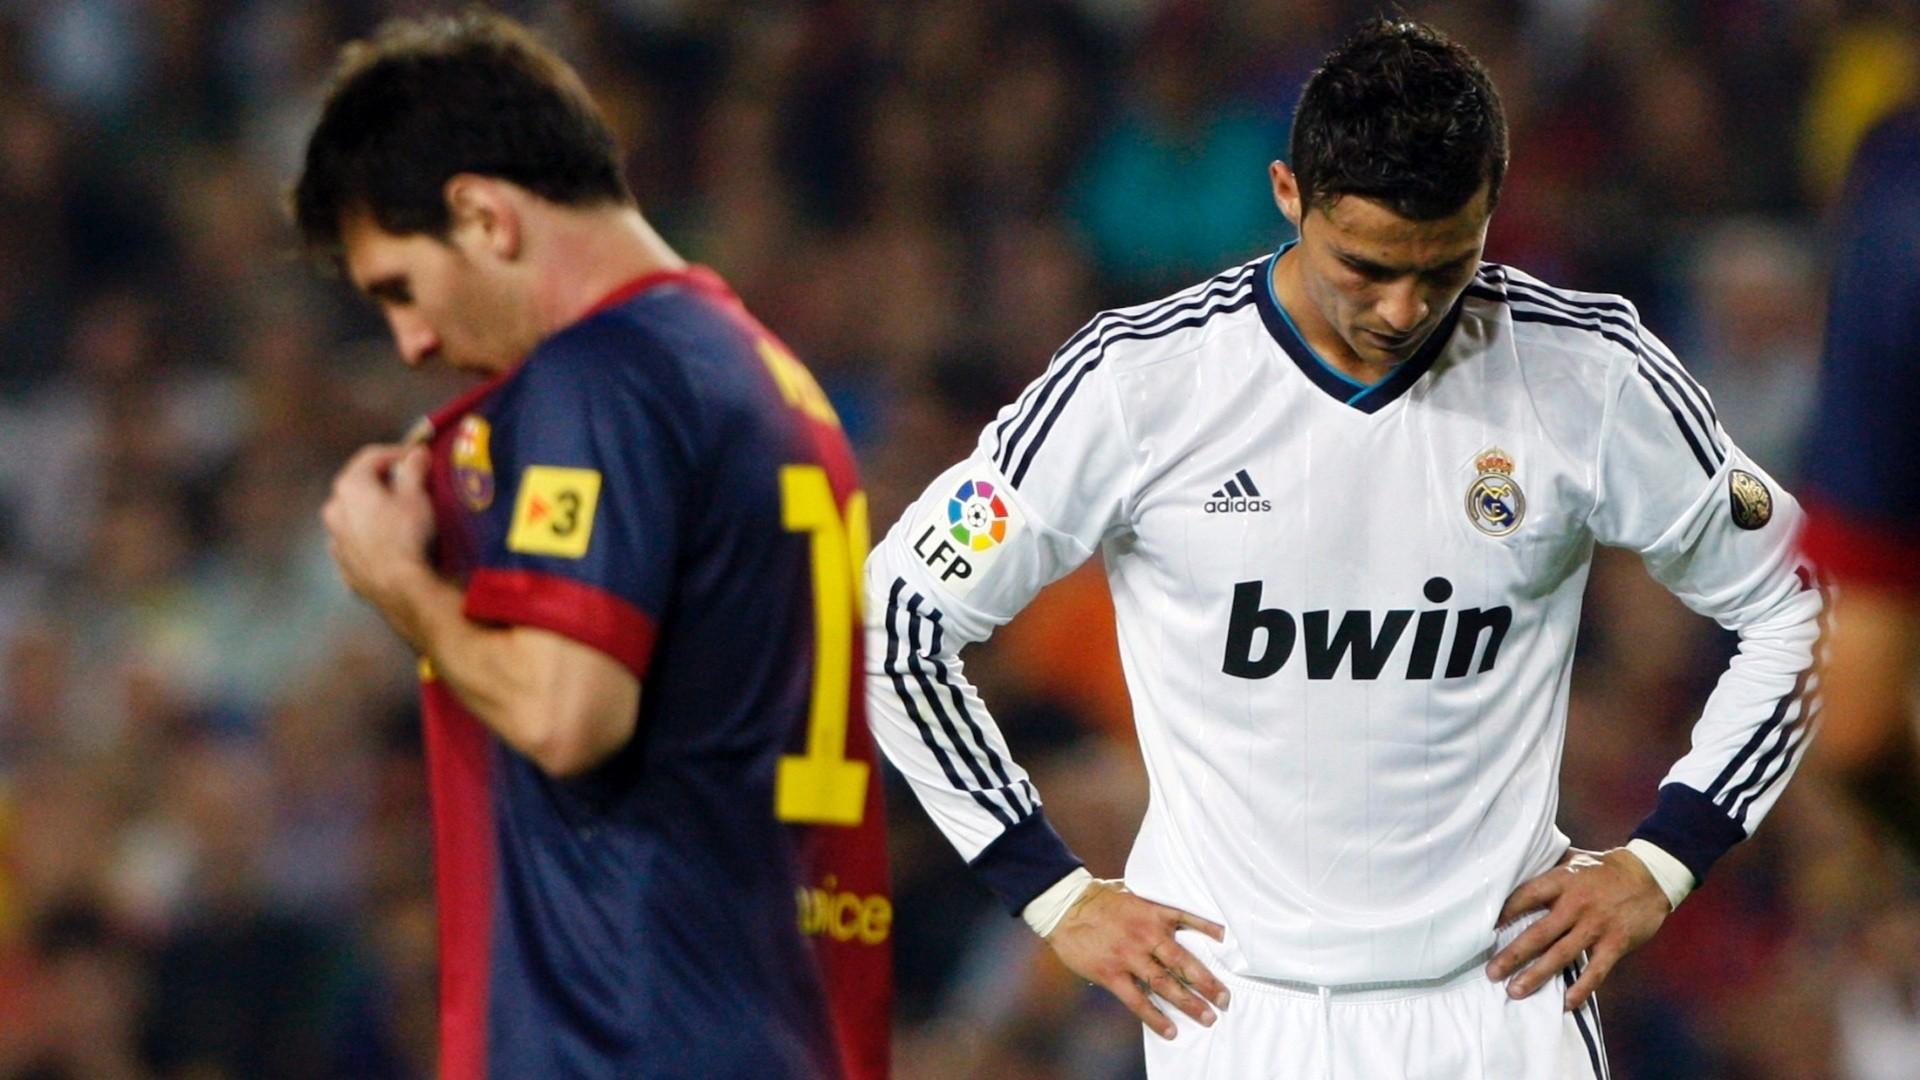 [49+] Messi and Ronaldo Wallpaper 2014 on WallpaperSafari